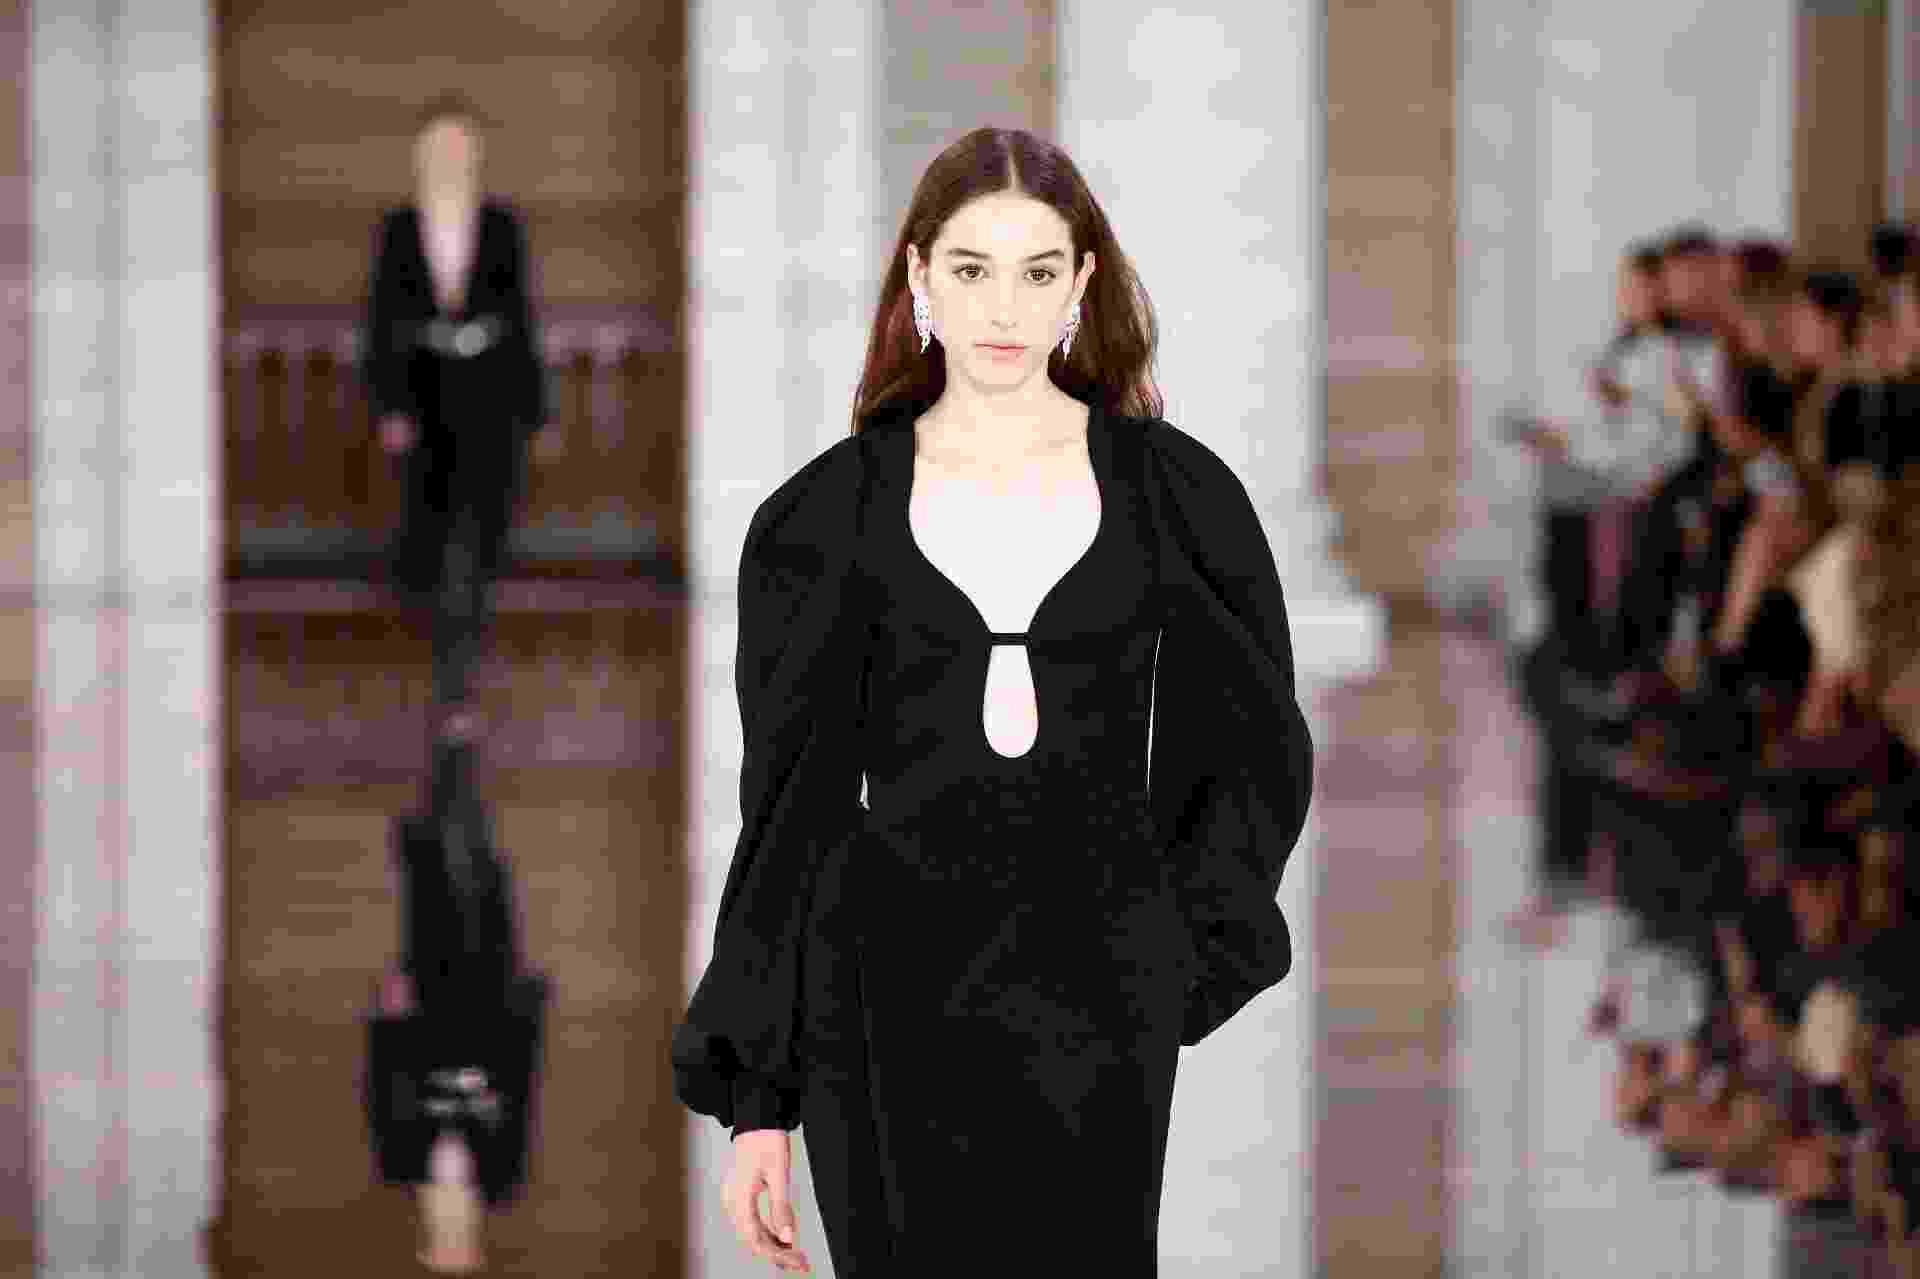 Victoria Beckham desfilou sua nova coleção na Semana de Moda de Londres neste domingo (16) - Reuters